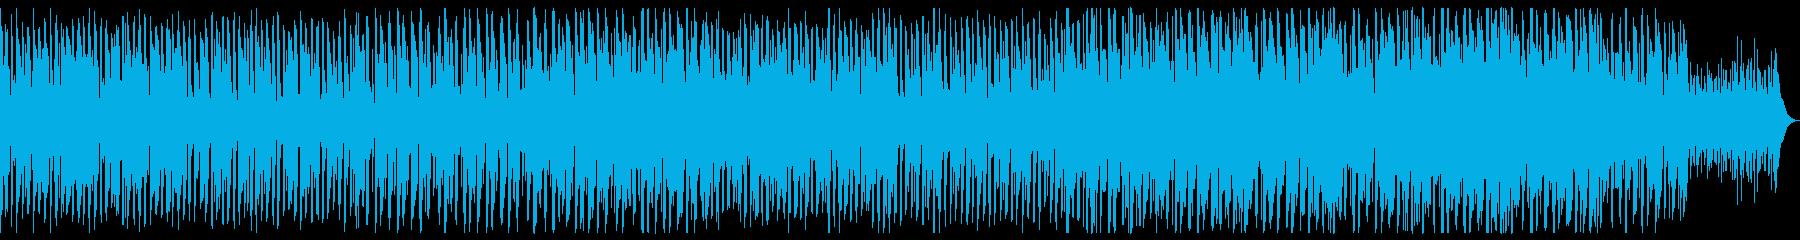 ダークシンセウェーブ 緊迫感の再生済みの波形